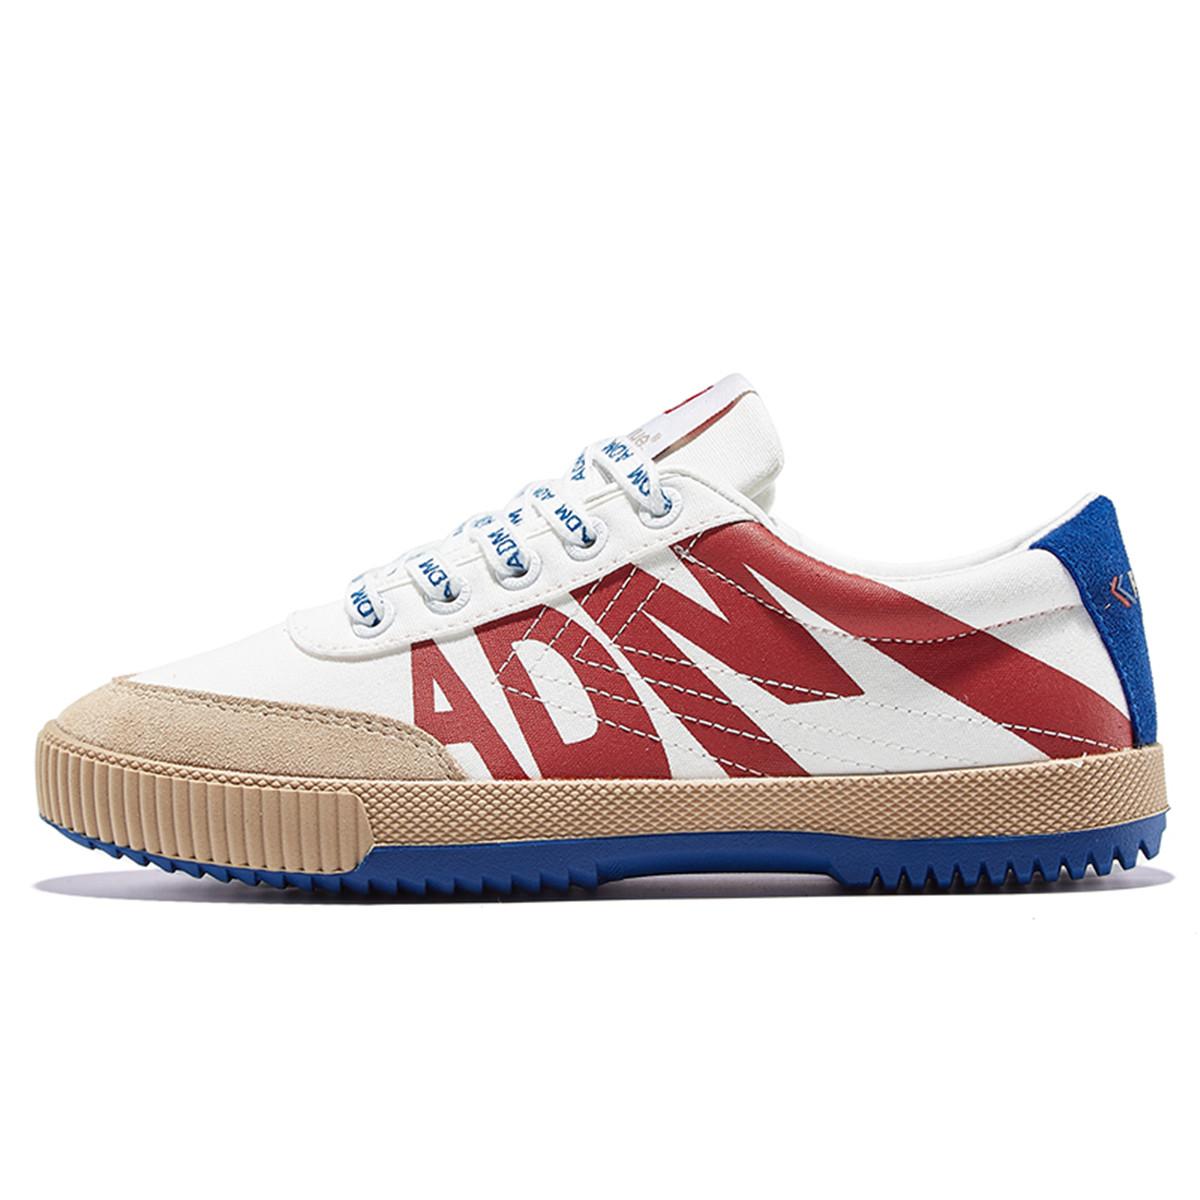 DaFuFeiyue 大孚飞跃  ADM联名合作款 ADM902 拼接撞色休闲鞋